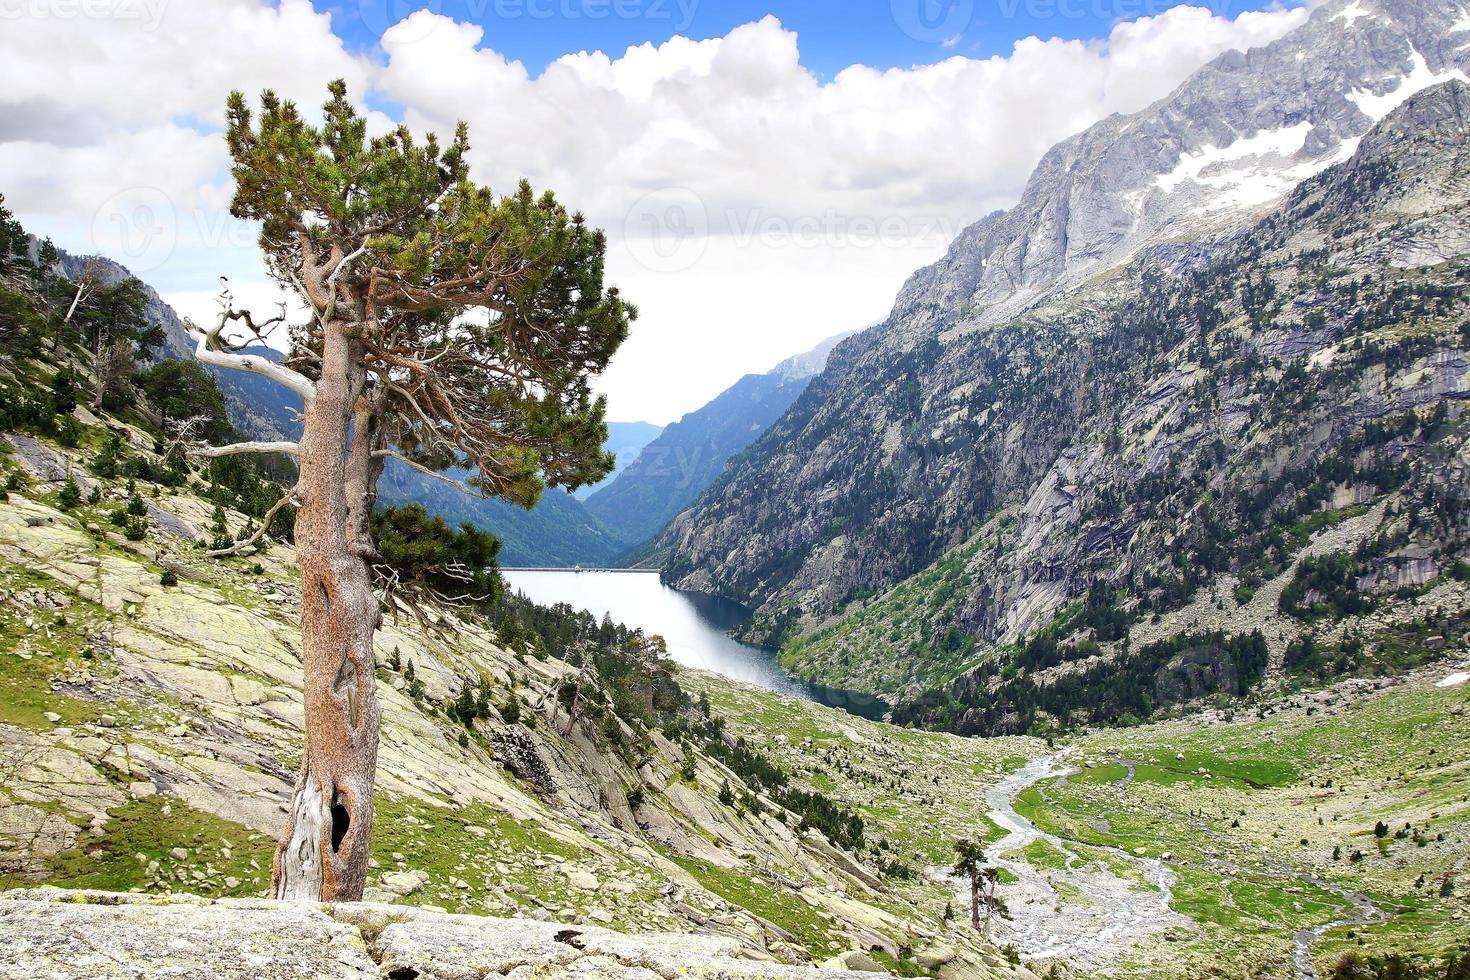 Picturesque nature landscape. photo